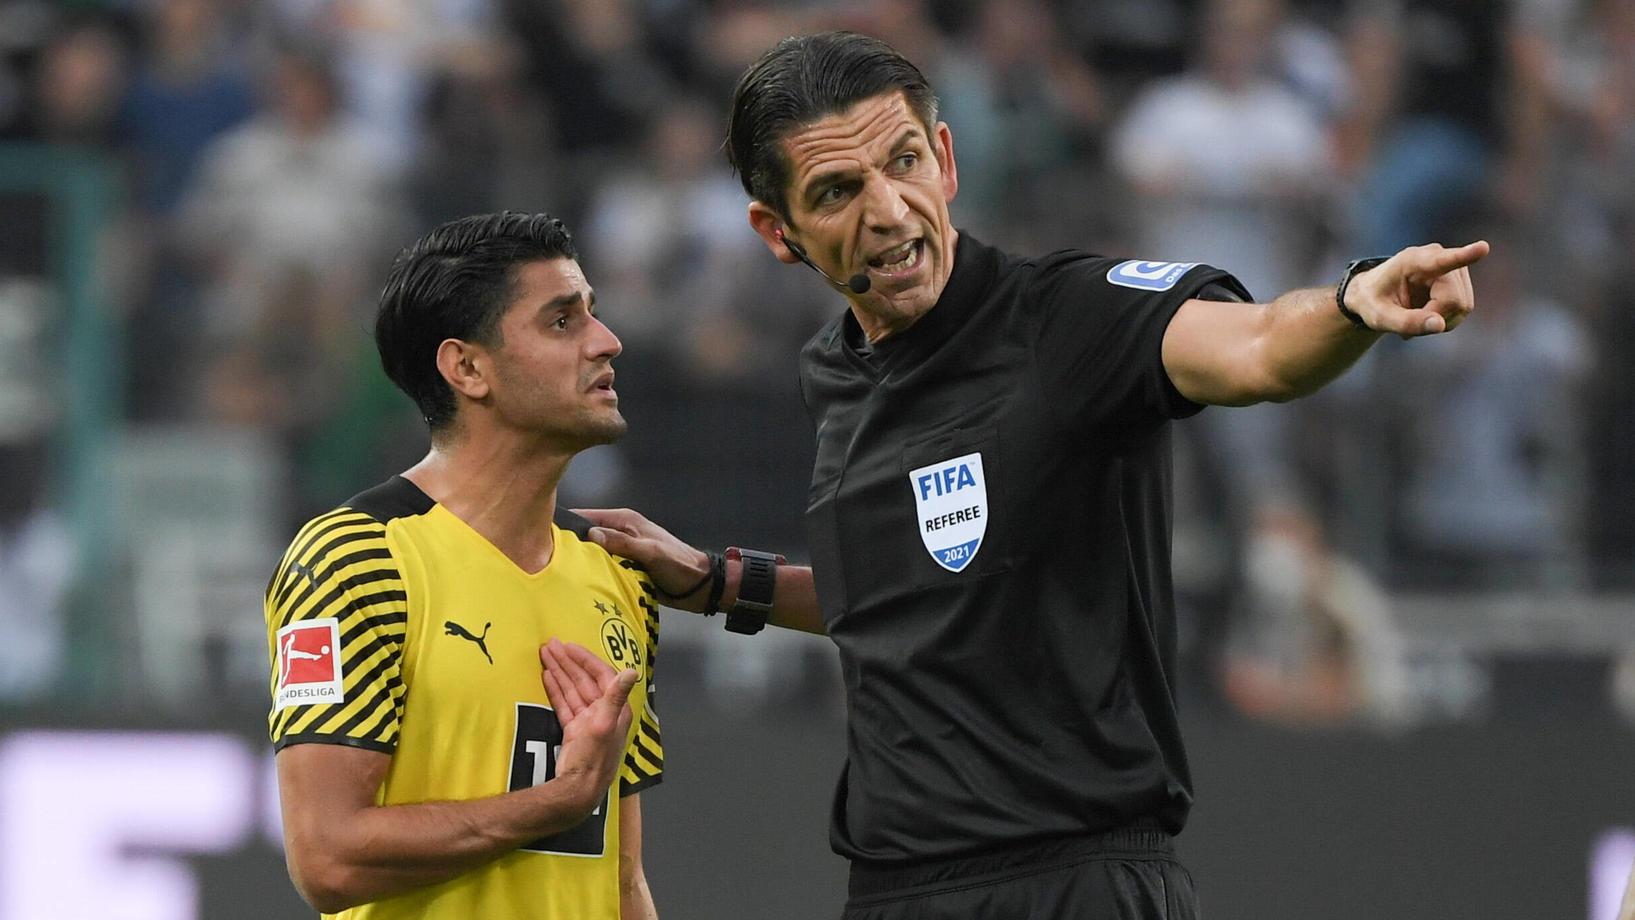 Schiedsrichter Deniz Aytekin schickte Mahmoud Dahoud wegen Reklamierens vom Feld.